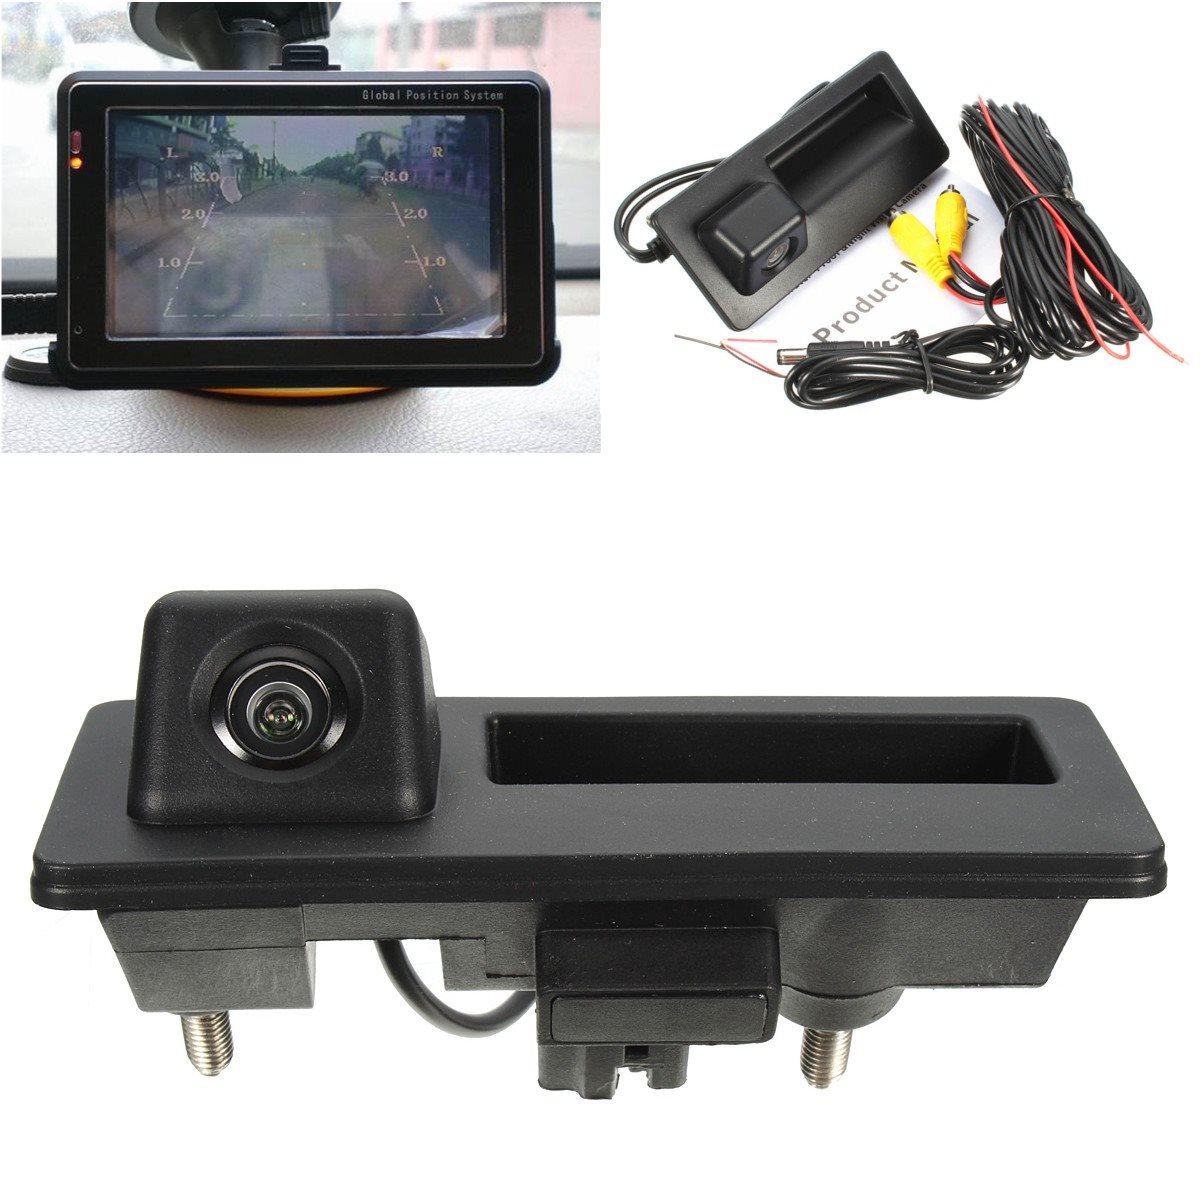 Aliexpress Com Buy Longate Rns510 Camera In Input: Aliexpress.com : Buy Hot Car Rear View Cameras Reversing